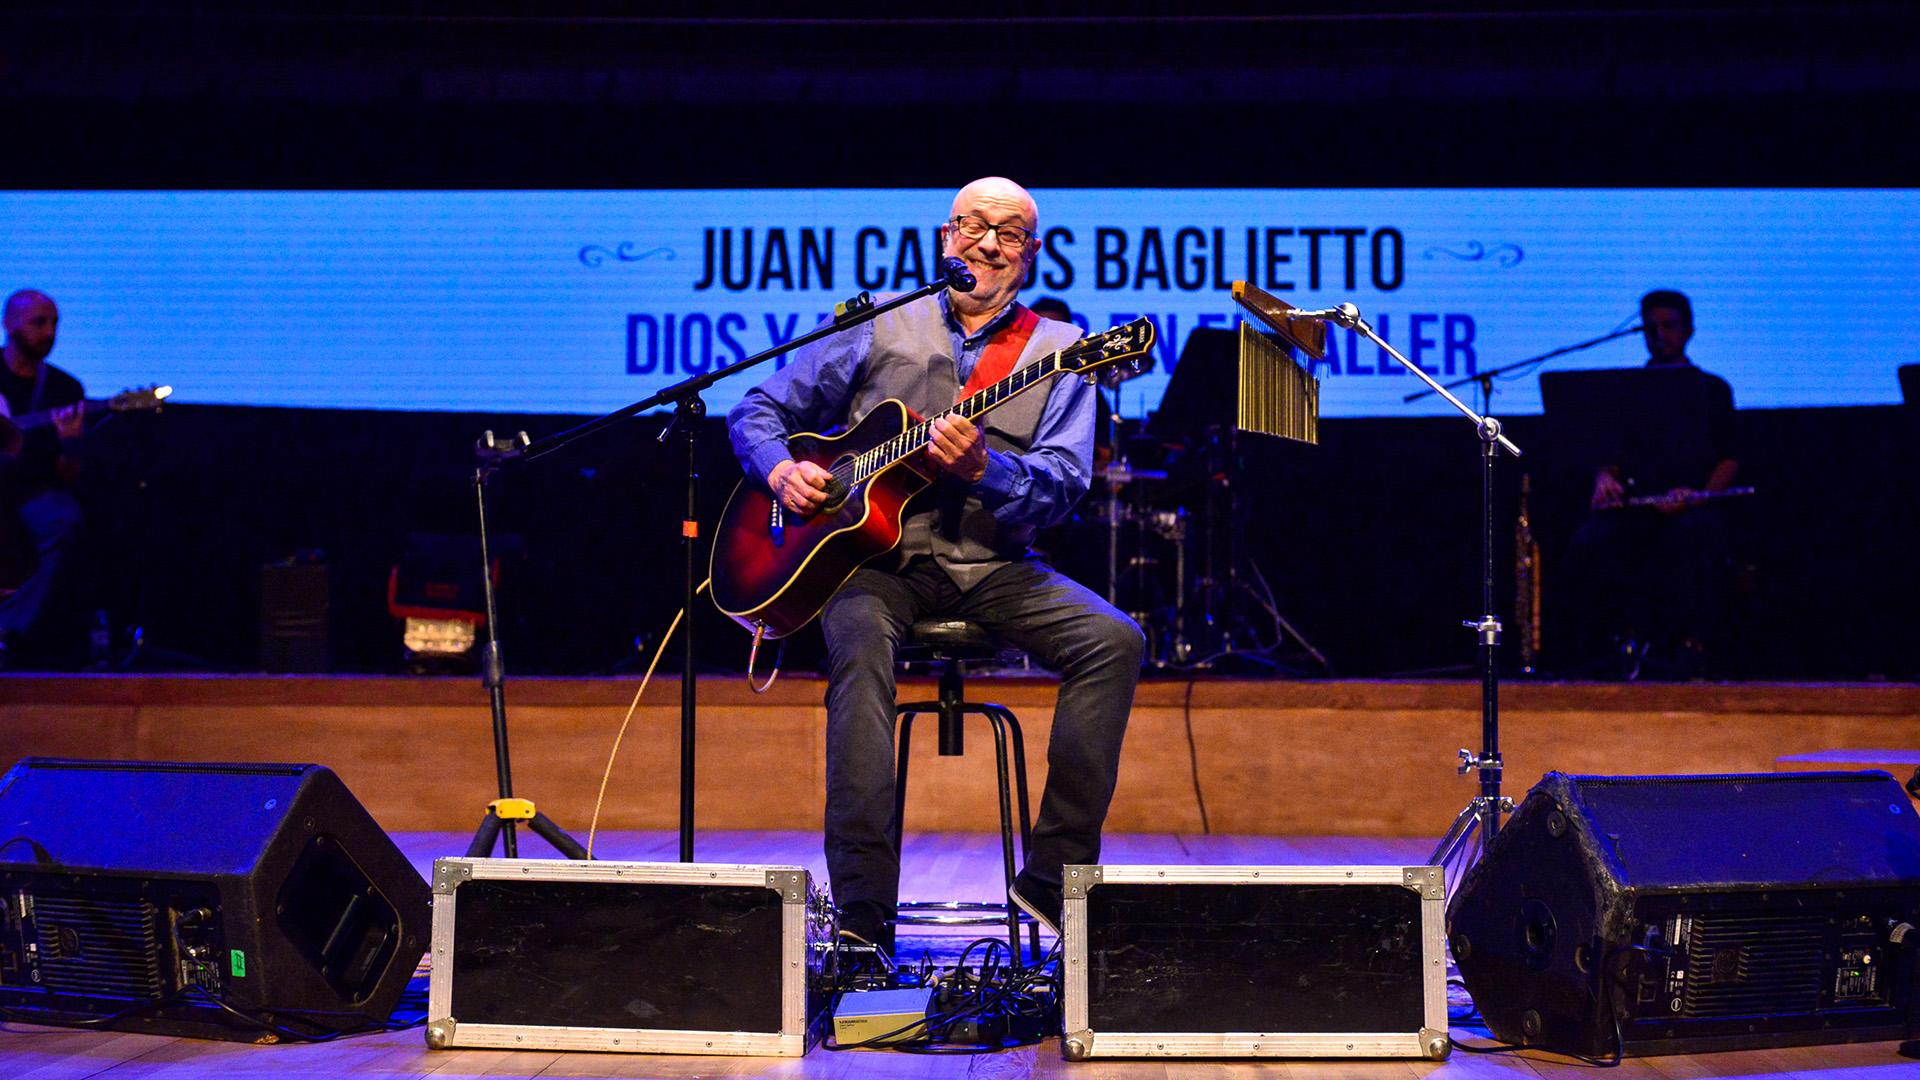 Juan Carlos Baglietto en acción